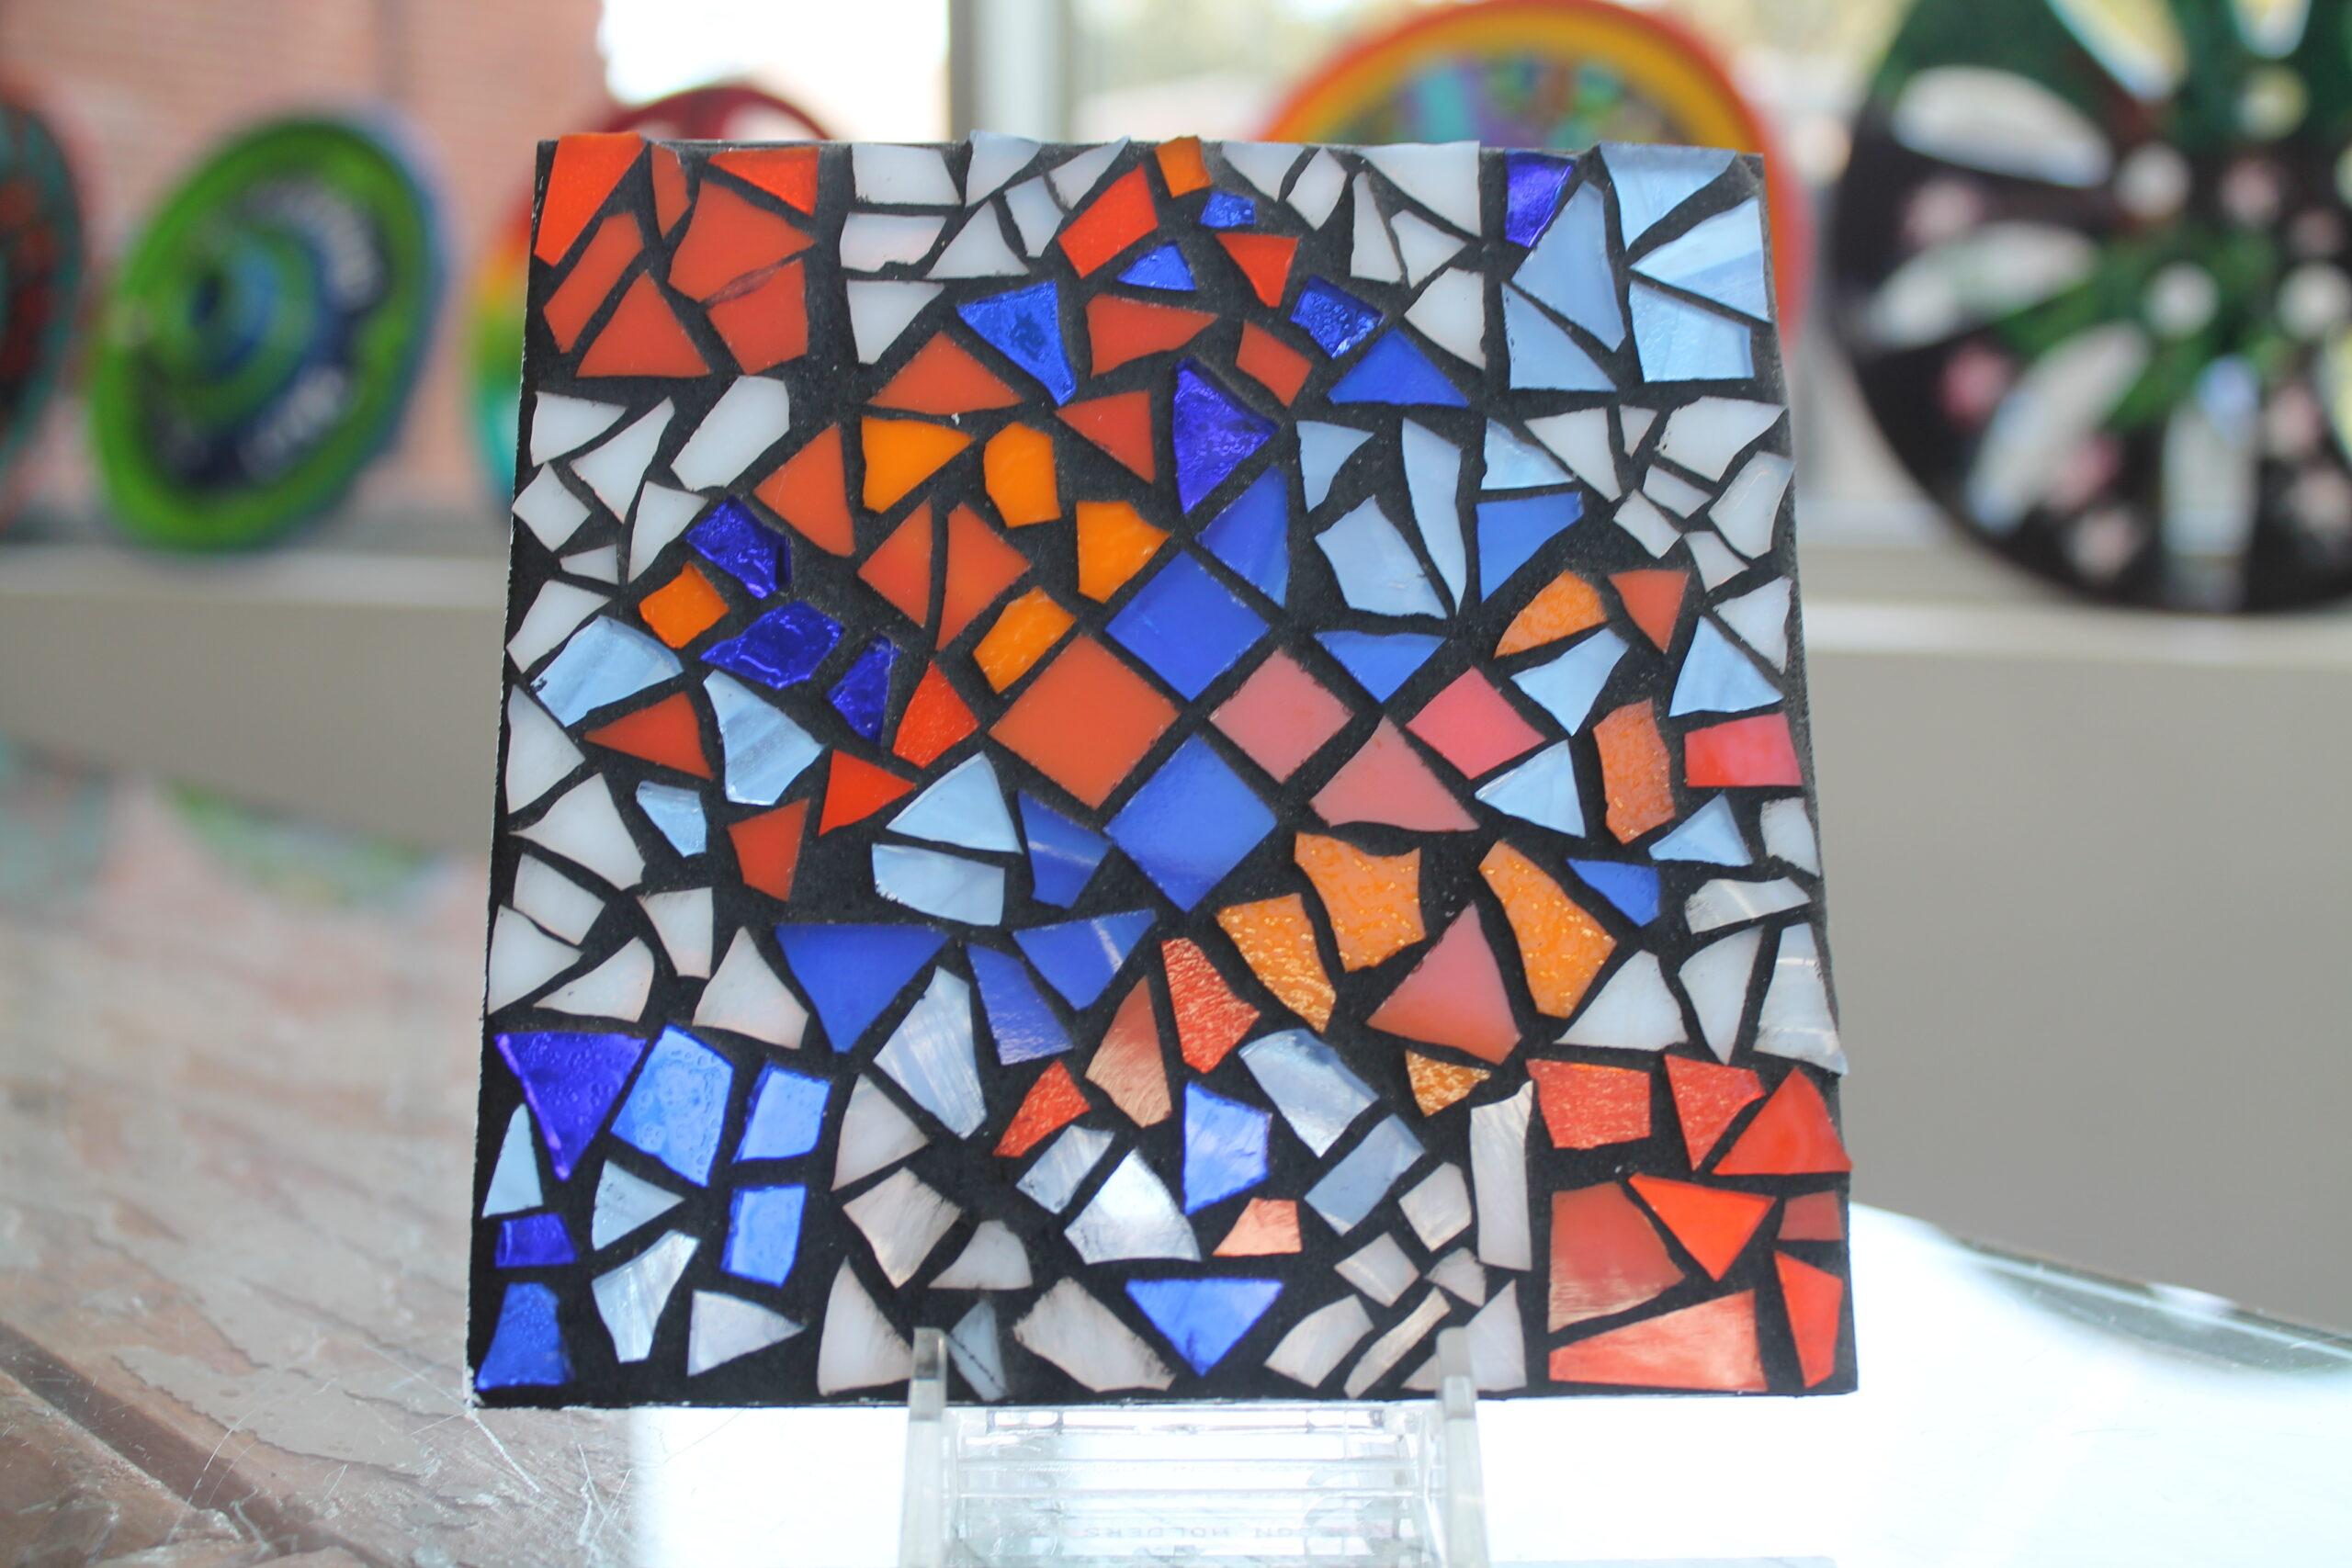 Acrylic Mosaic Coaster HeART Kit